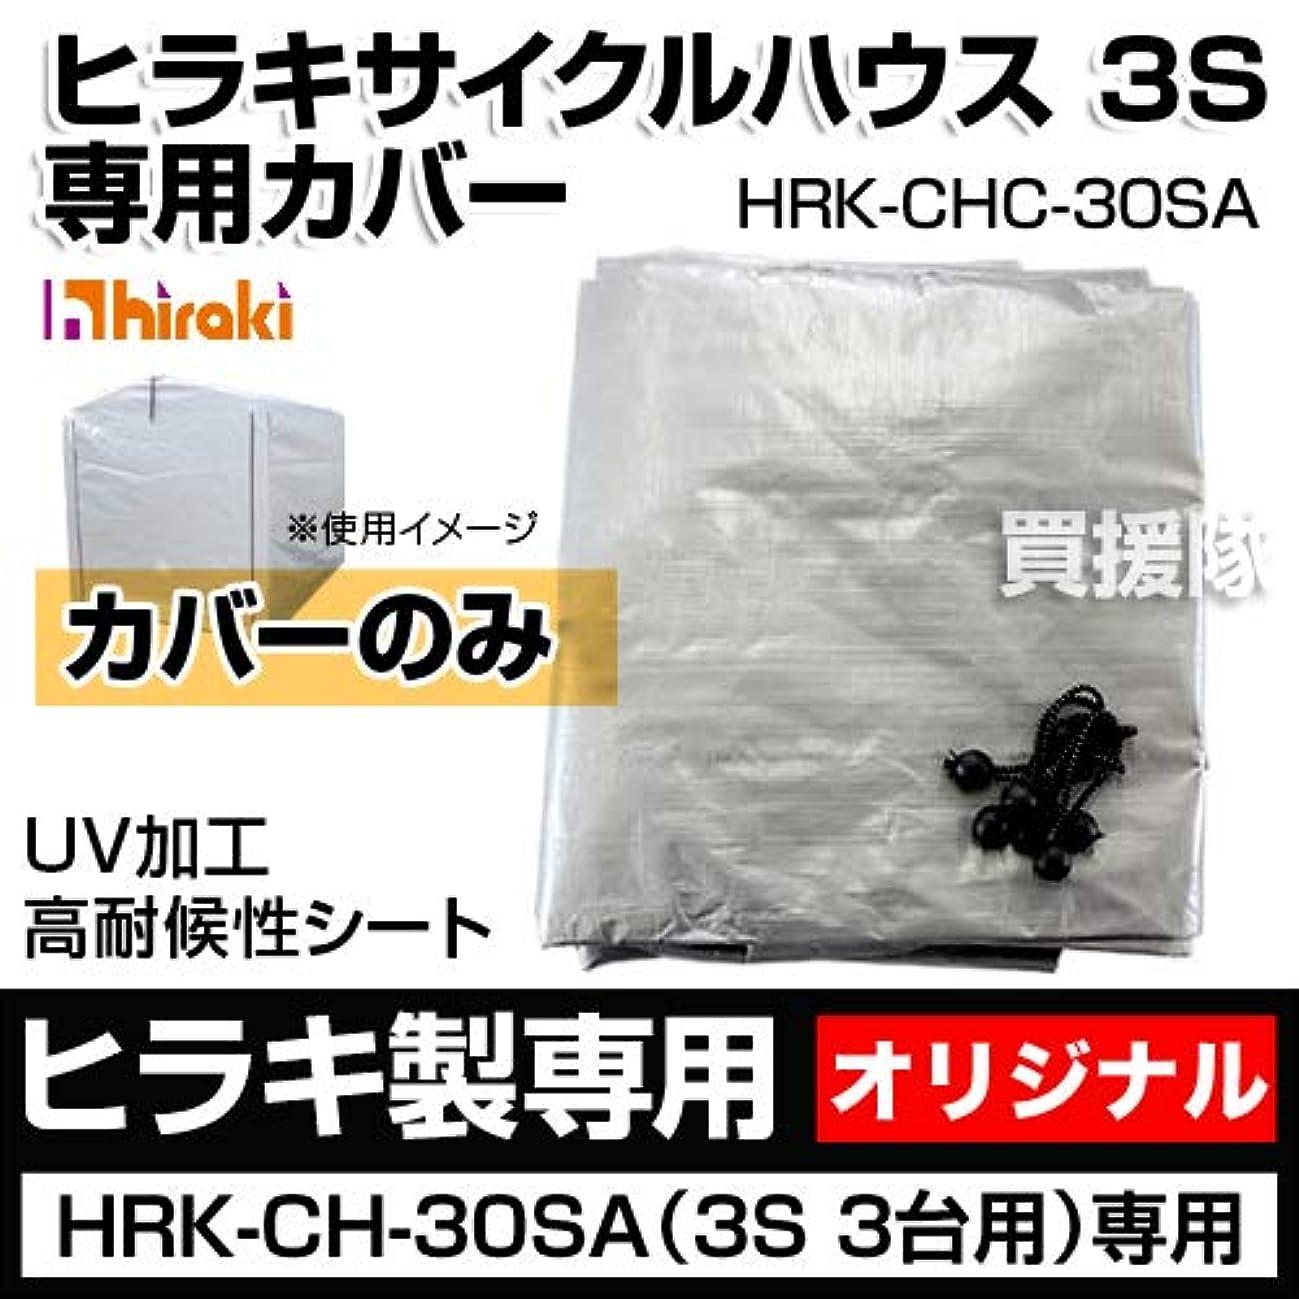 返済演劇富豪ヒラキ サイクルハウス3S リニューアル HRK-CH-30SA専用カバー HRK-CHC-30SA